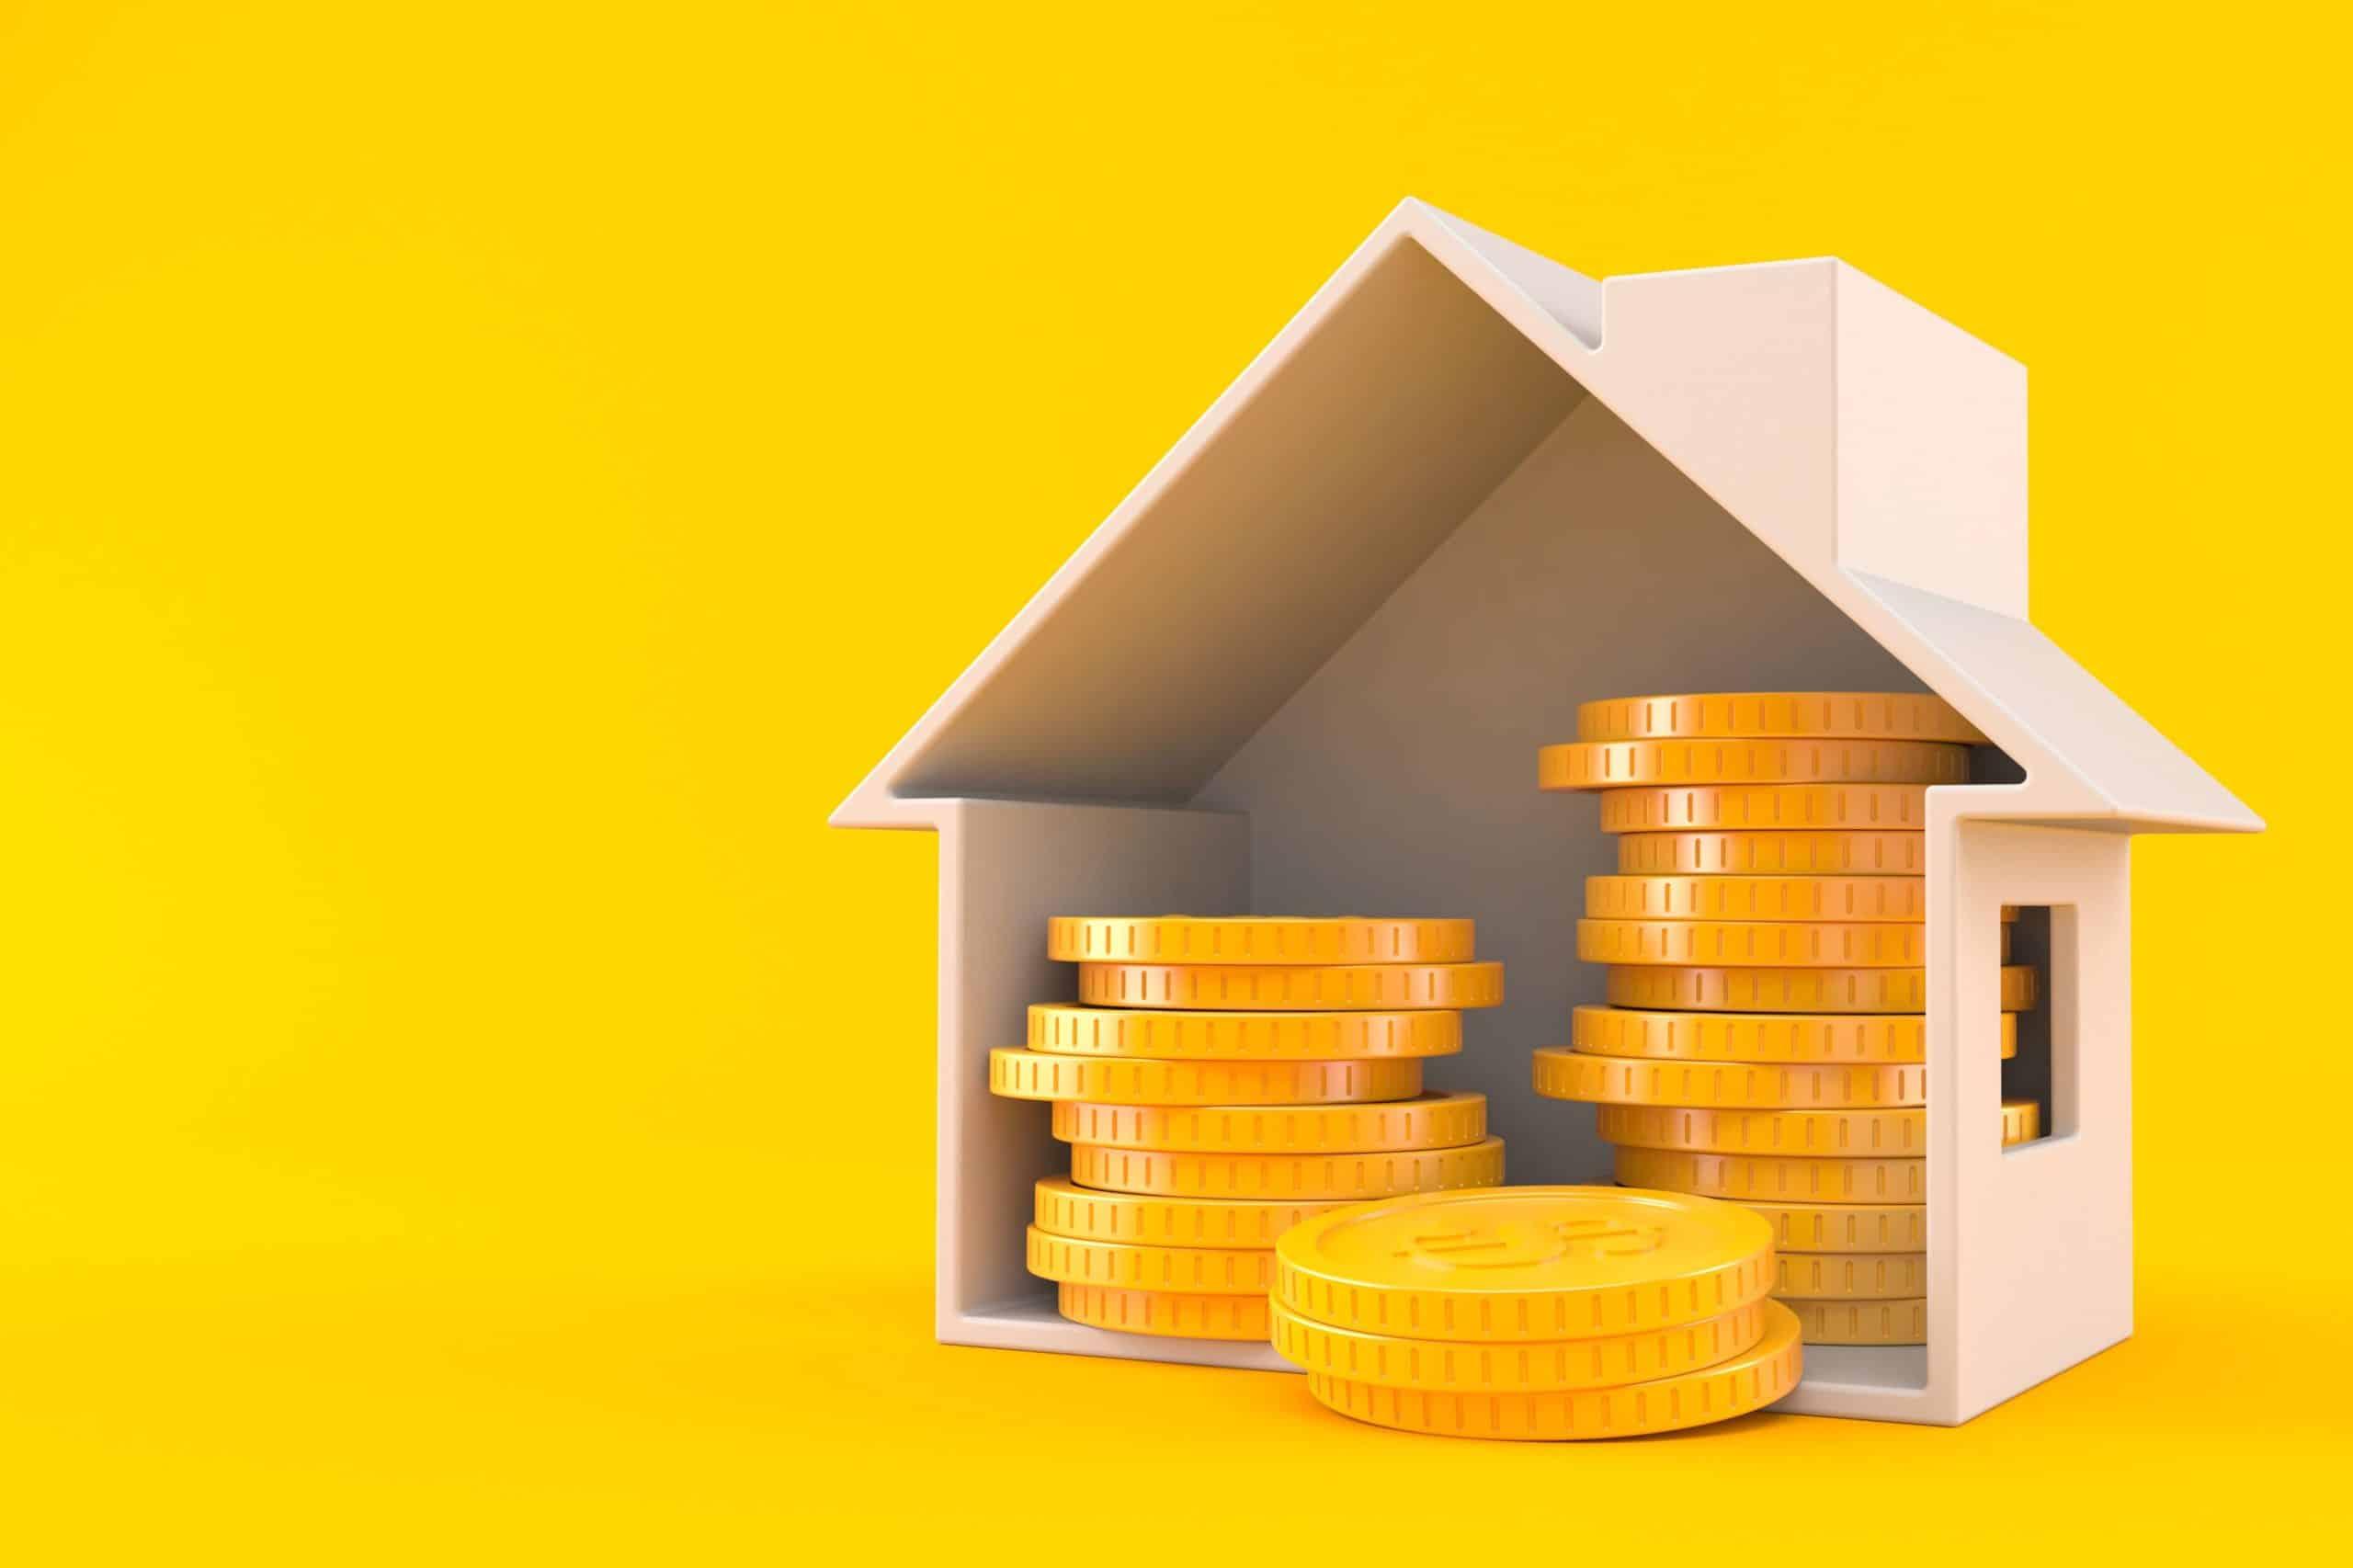 Verhuurhypotheek gids Huurwoningdesk